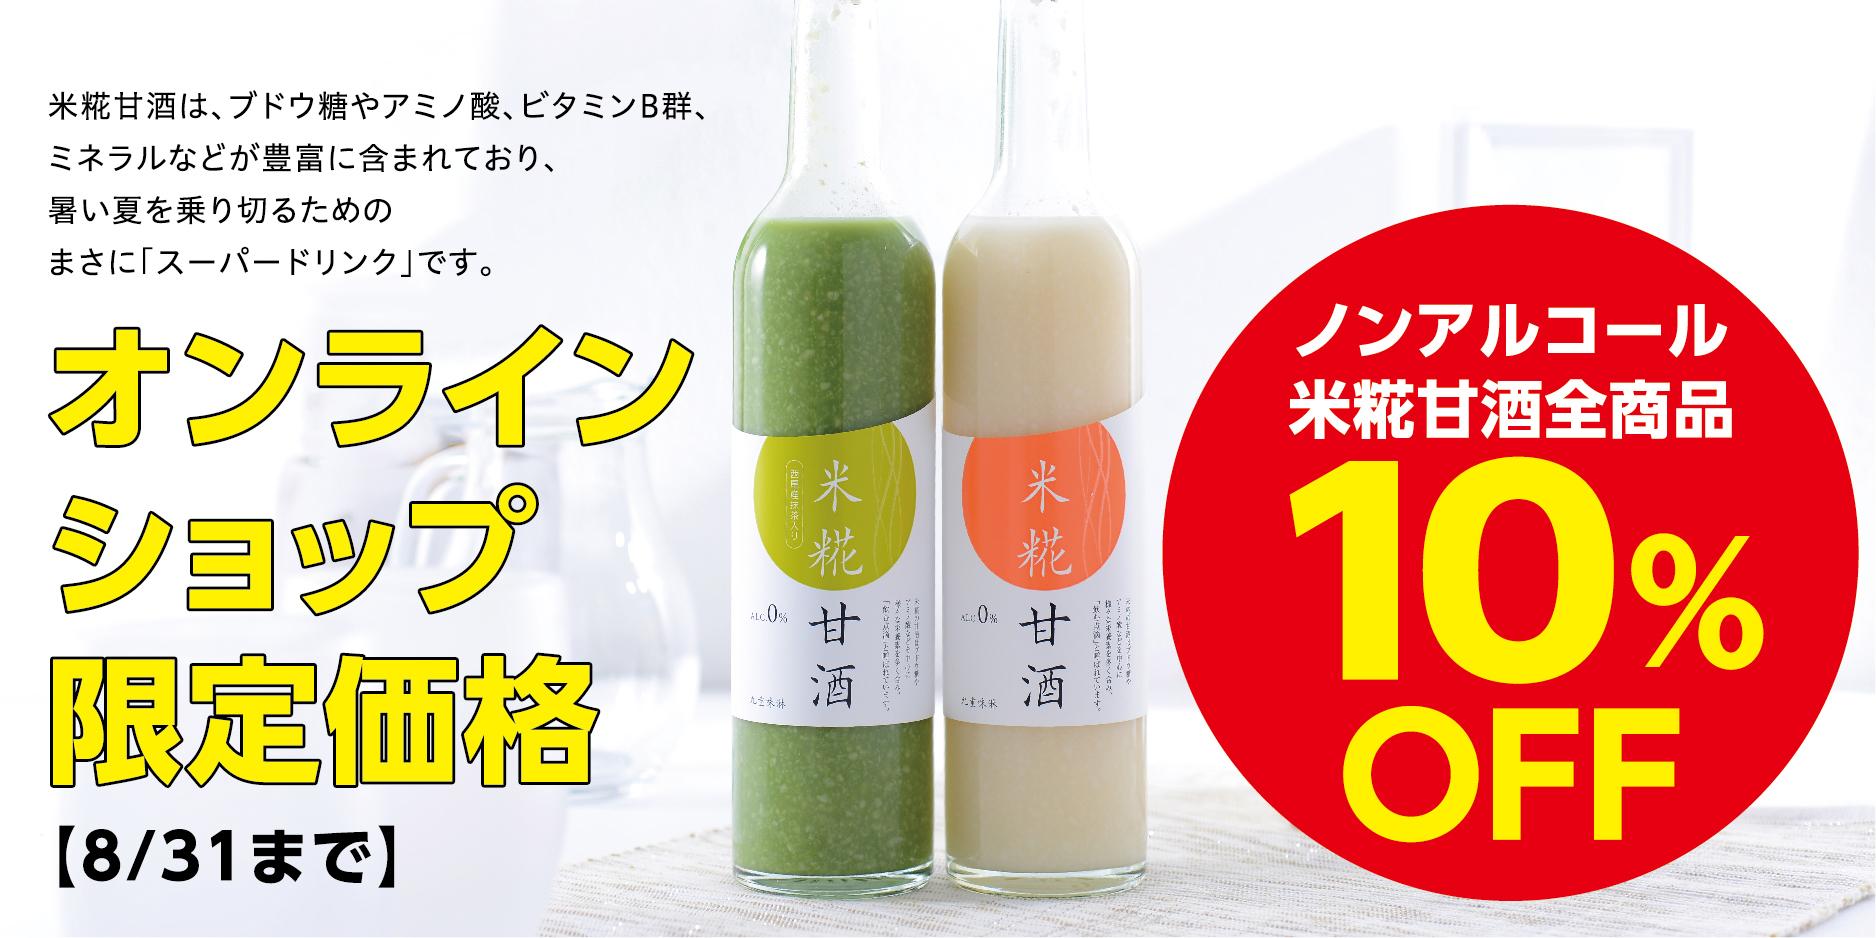 甘酒オンラインショップ限定価格10%OFF! 8/31まで